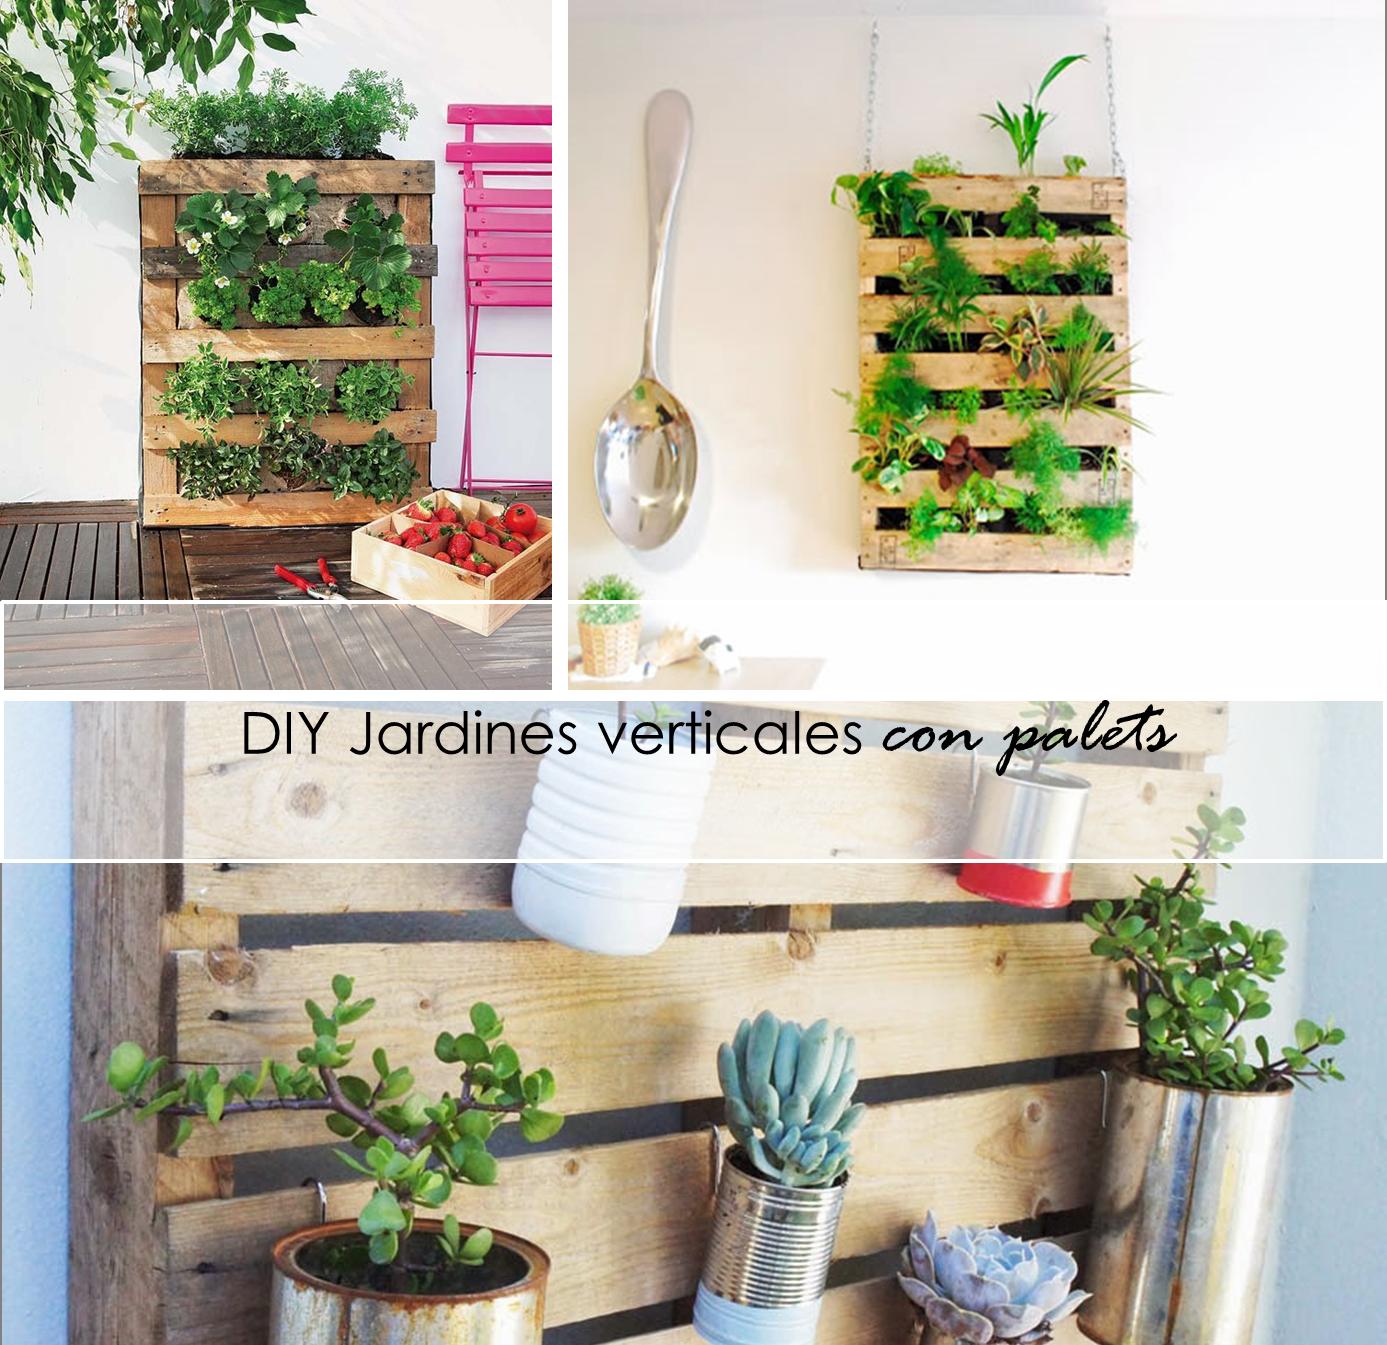 2 tutoriales para elaborar tu propio jardín vertical con Palets